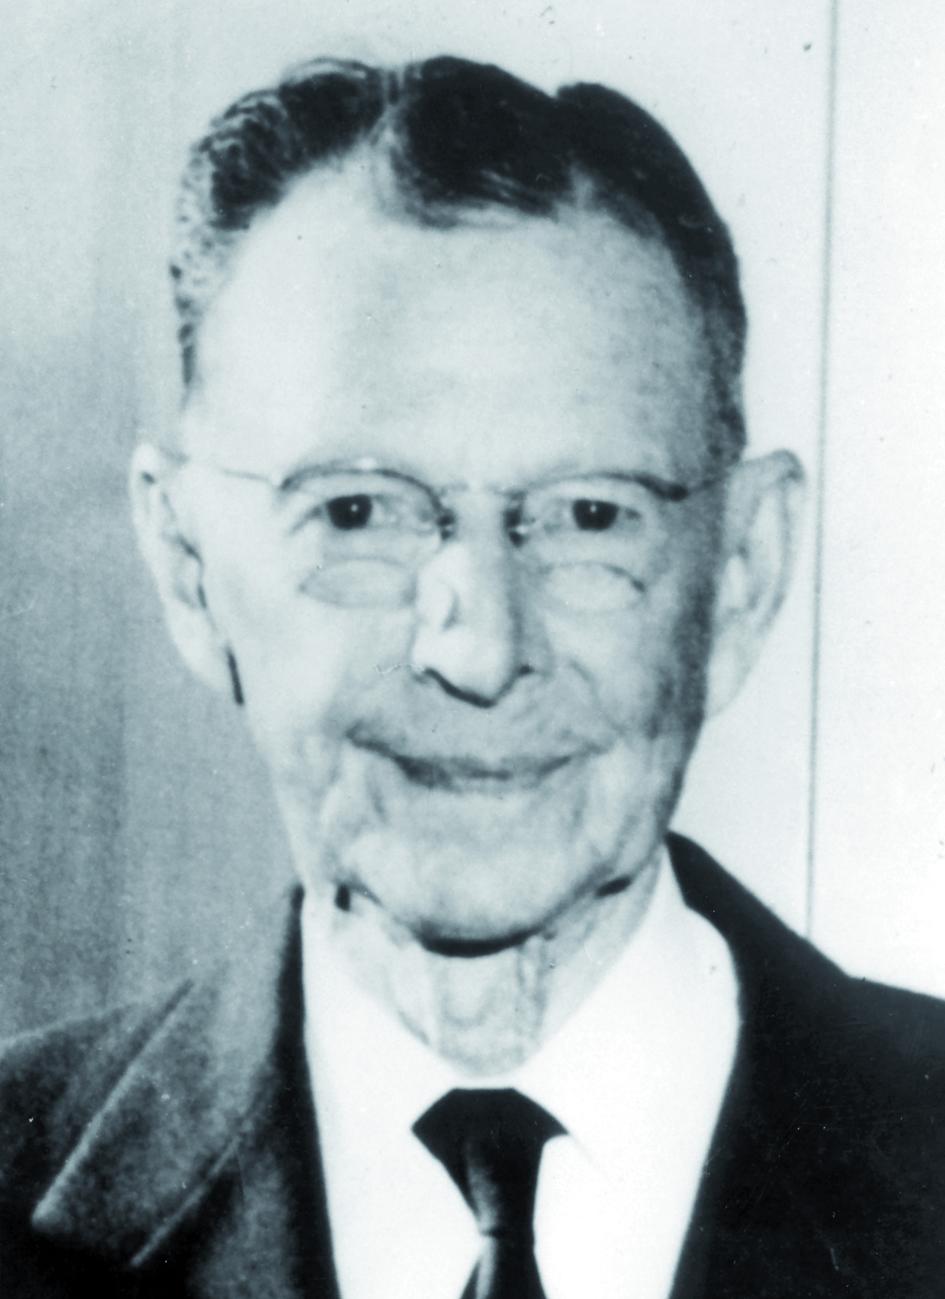 Portraitfoto von Herrn William David Coolidge.